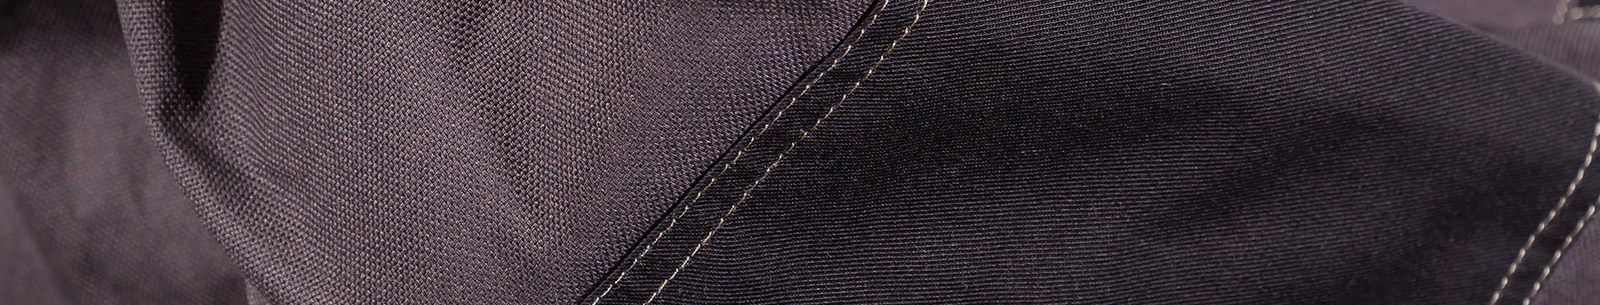 Zoom matière vêtement artisans